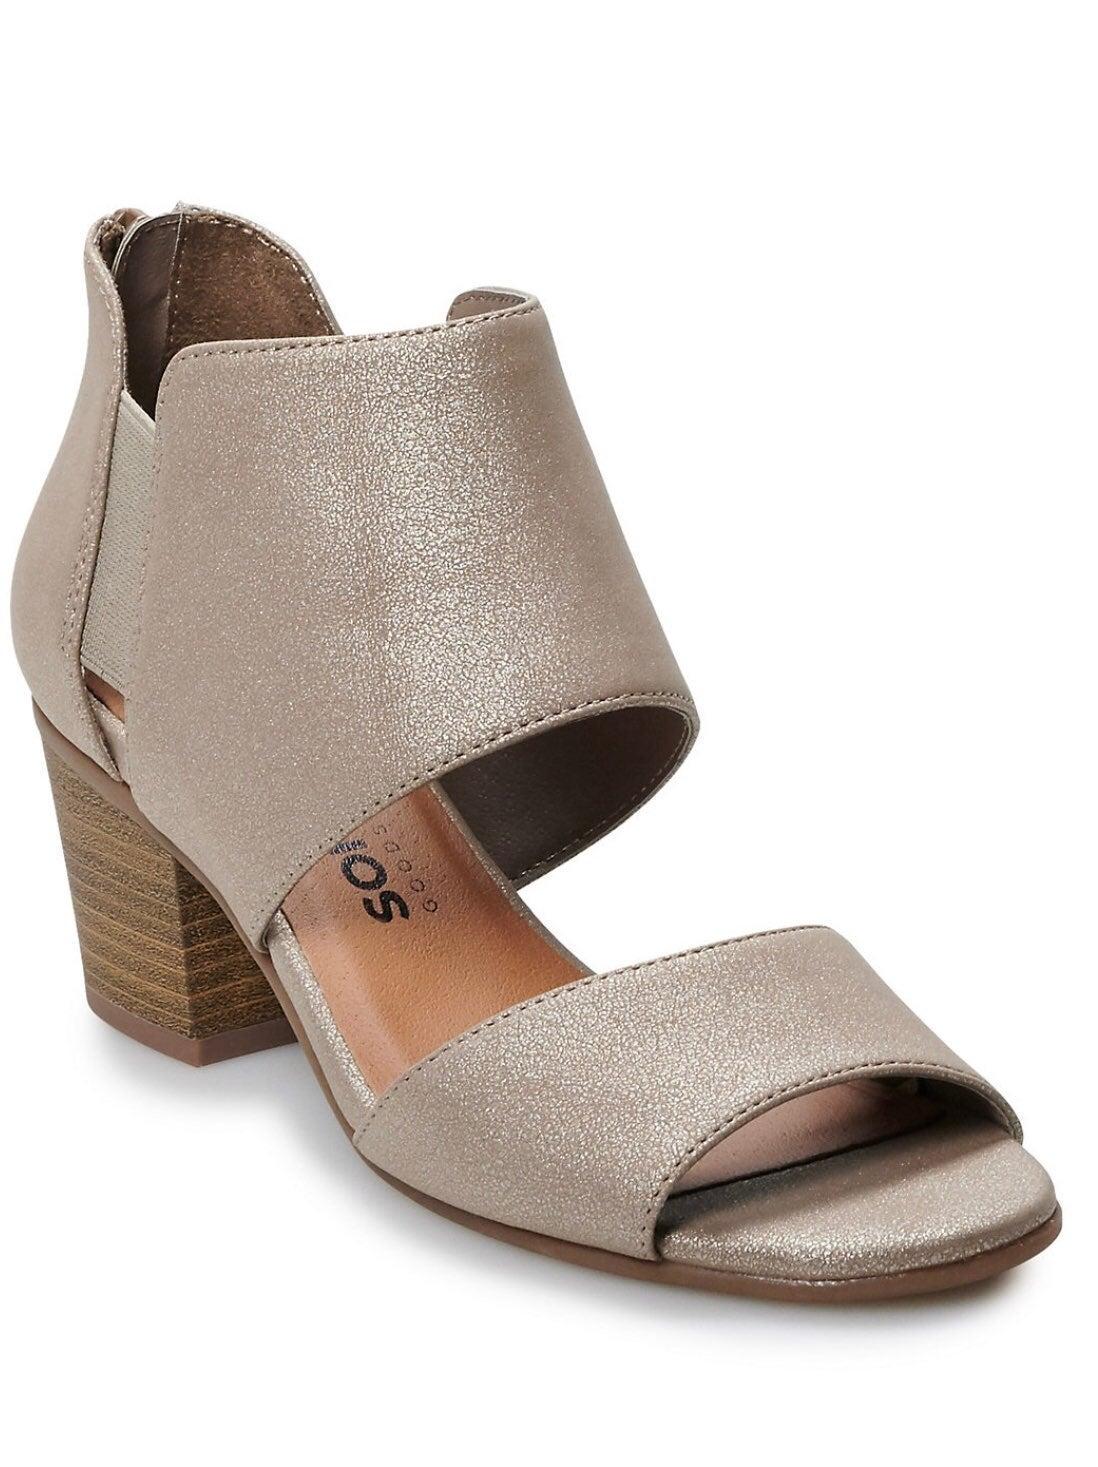 Sonoma Good for Life Women's Heel Sandal